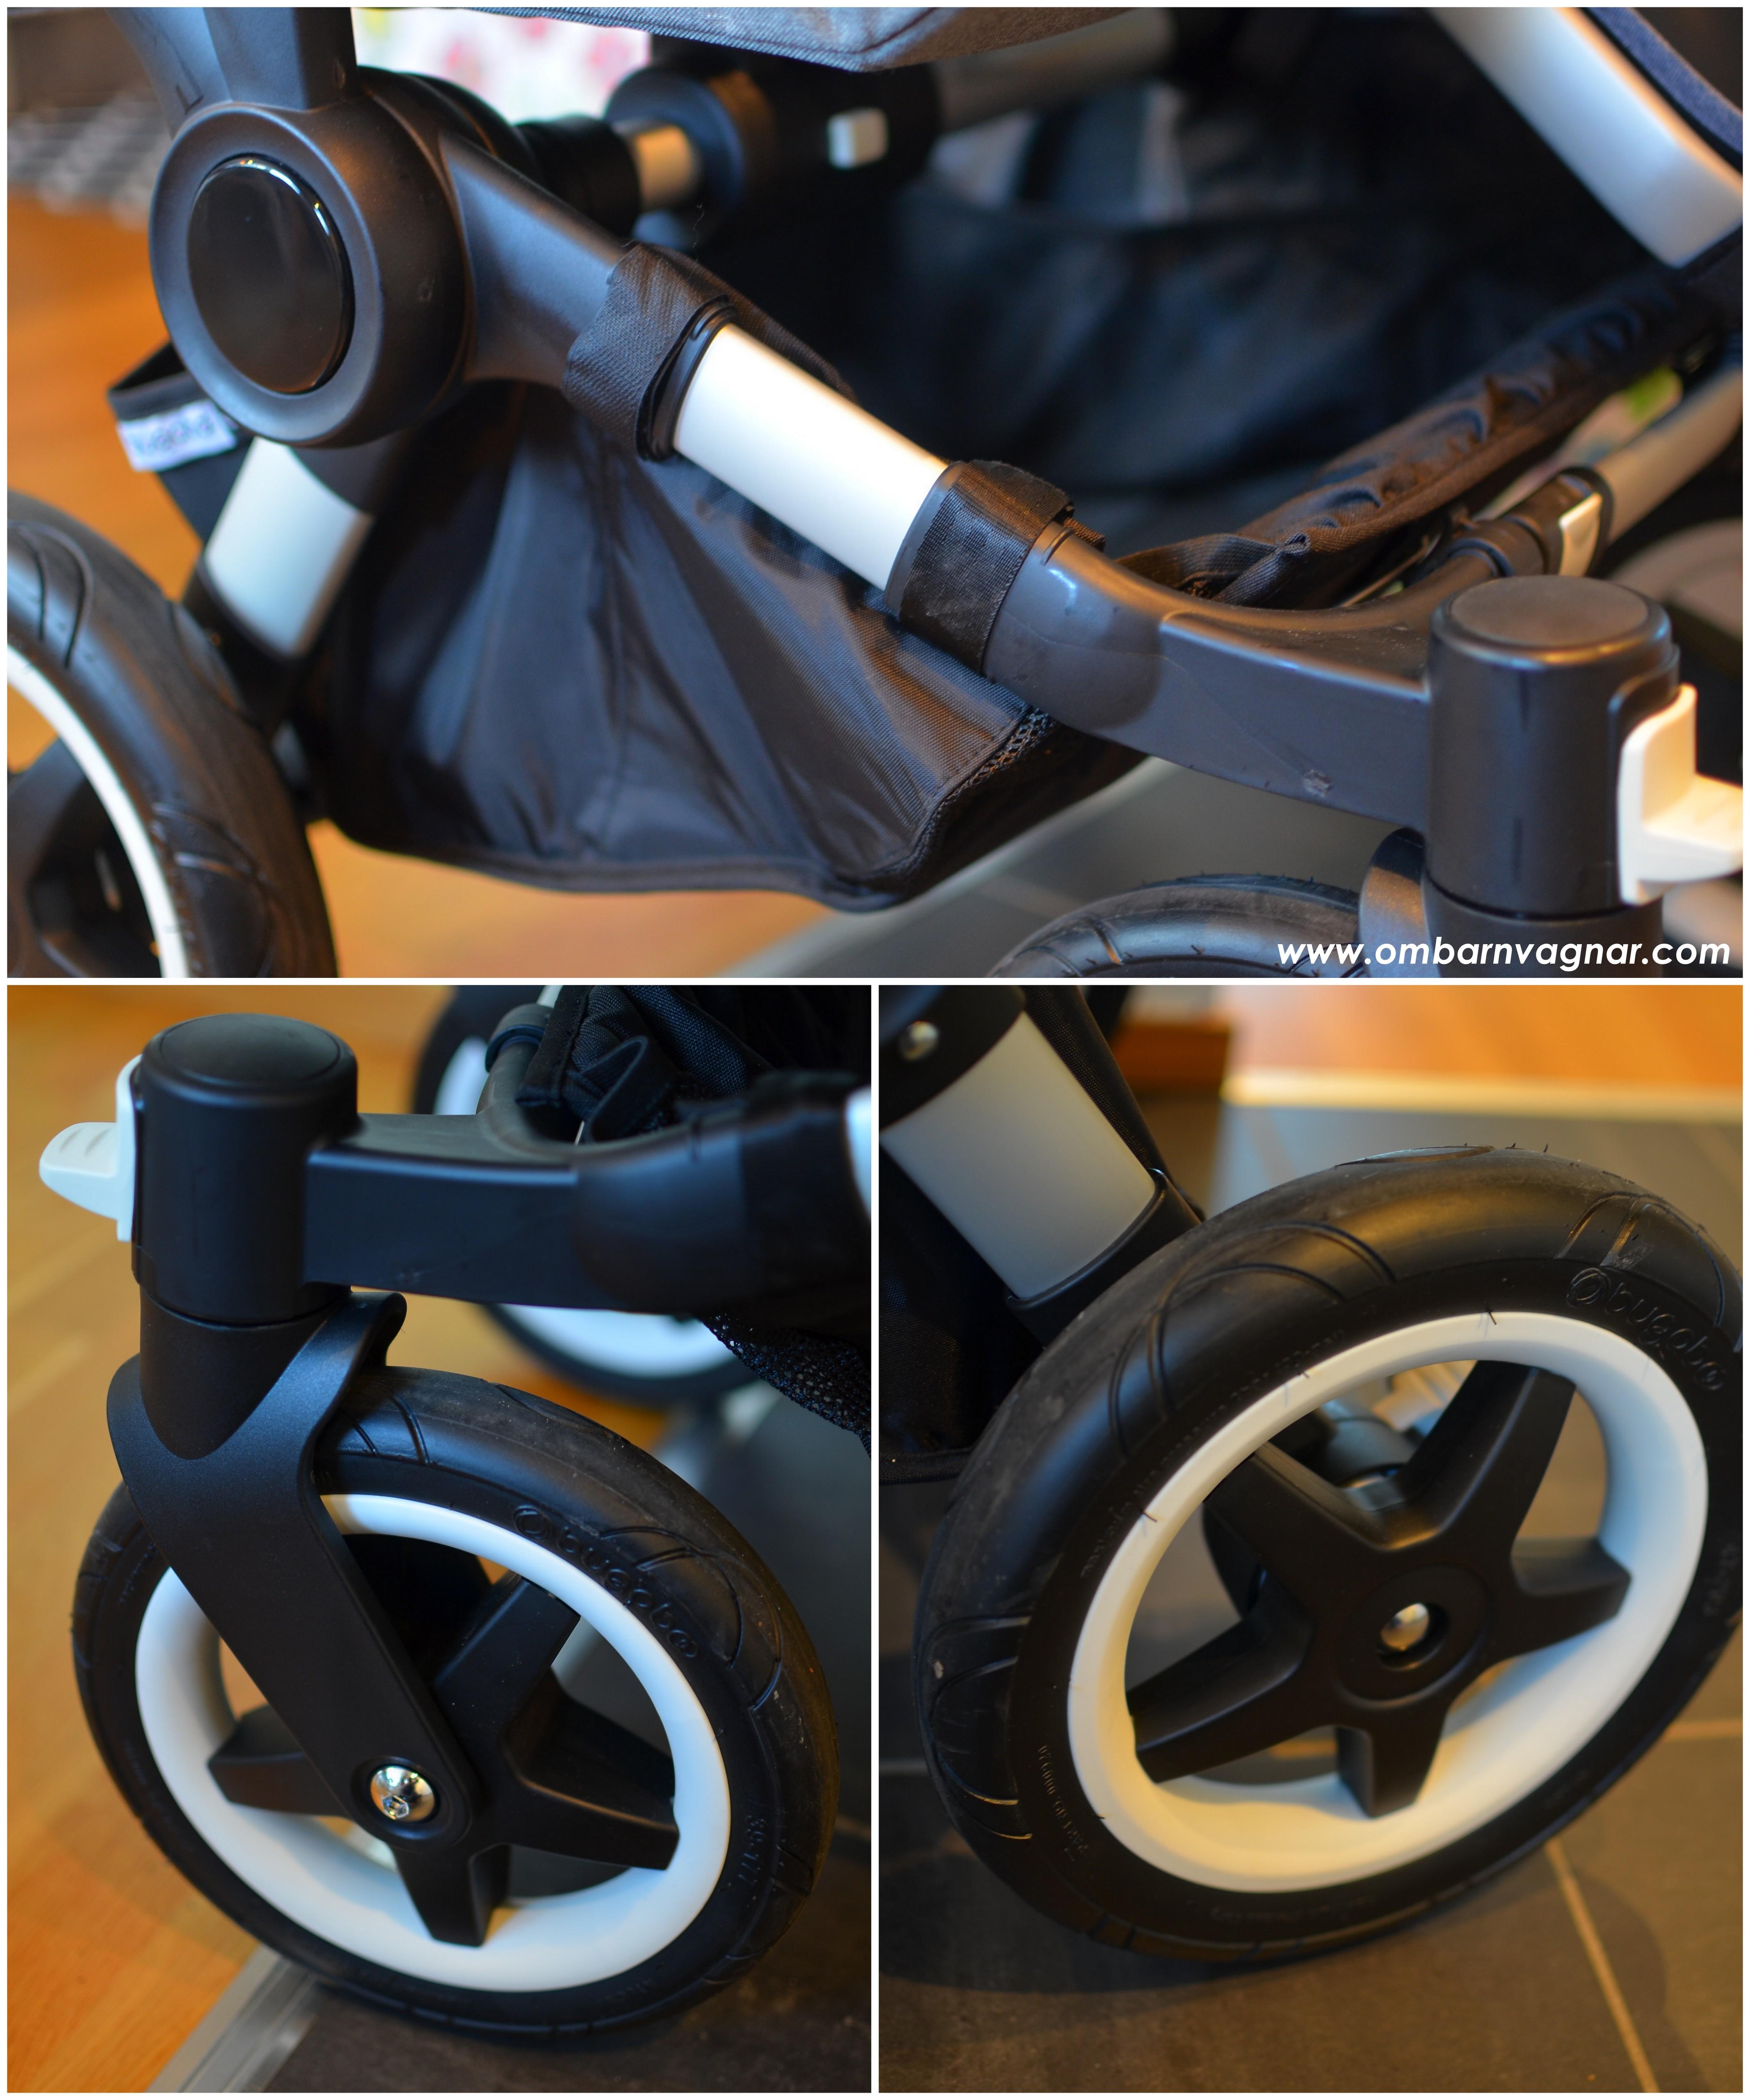 Så har chassi och hjul uppdaterats på Bugaboo Donkey2